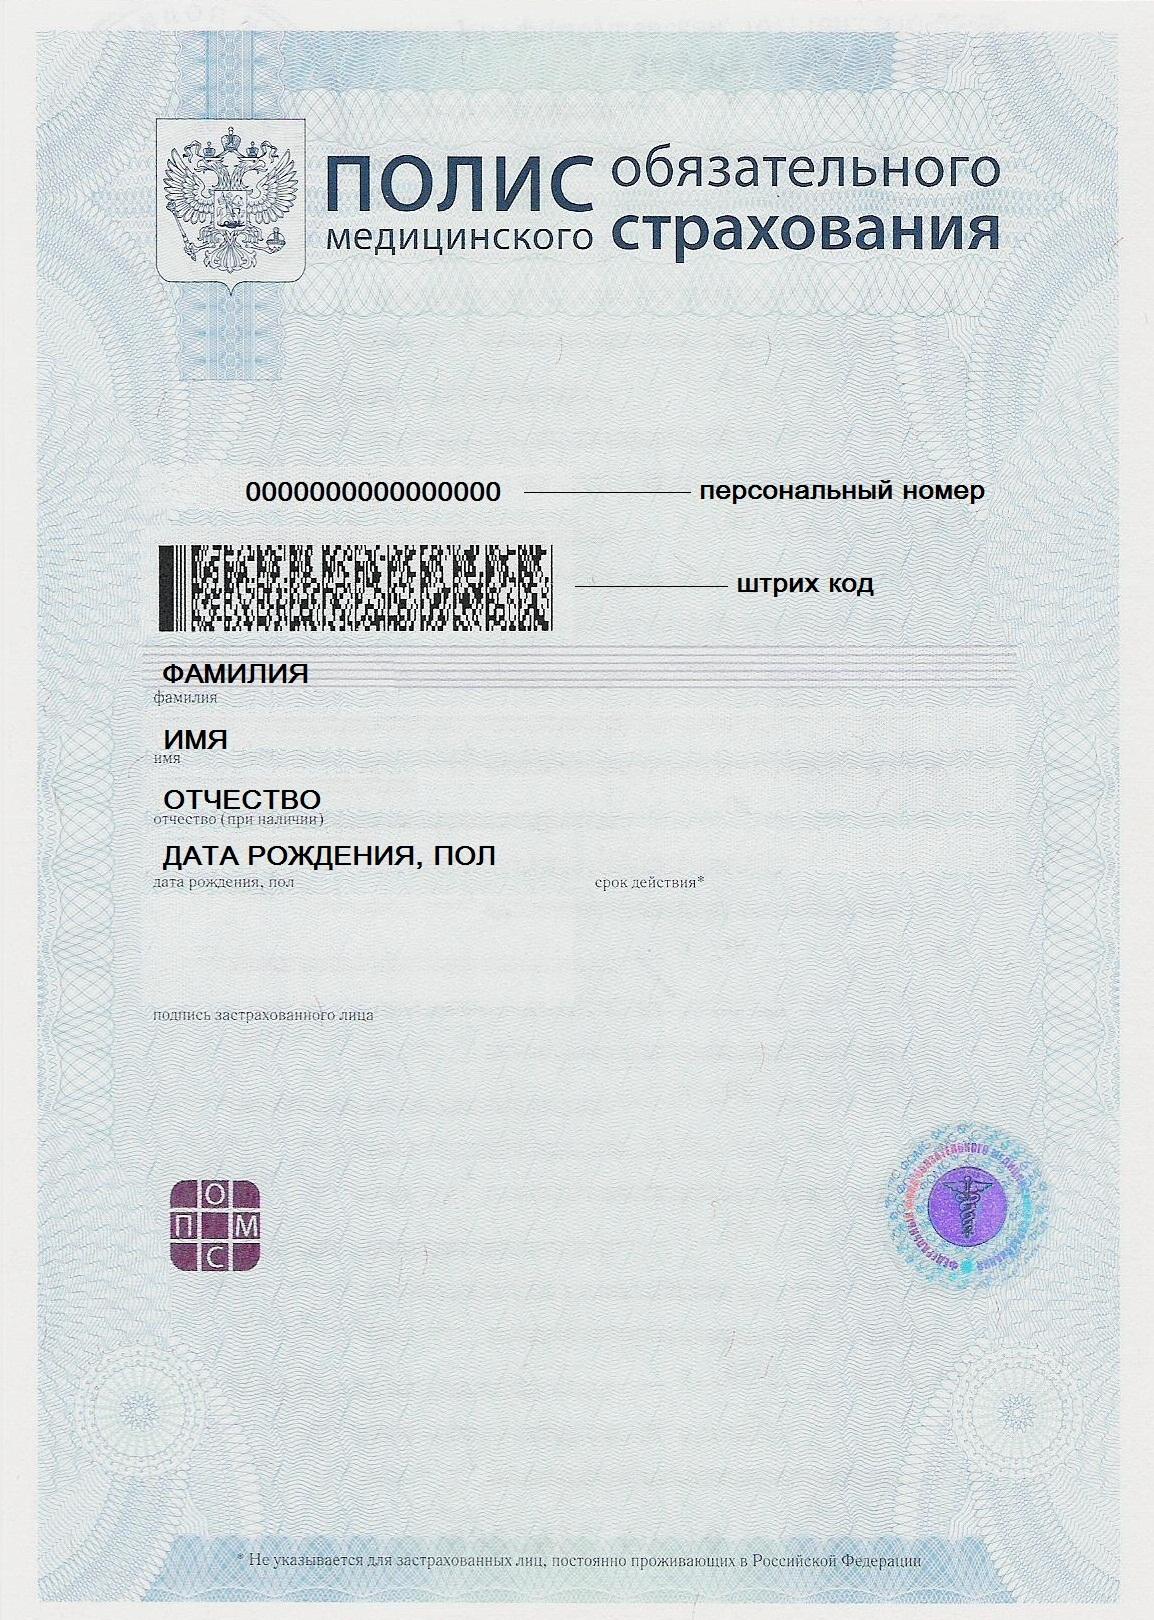 Прибавка к зарплате аппарата суда в 2018 году в России